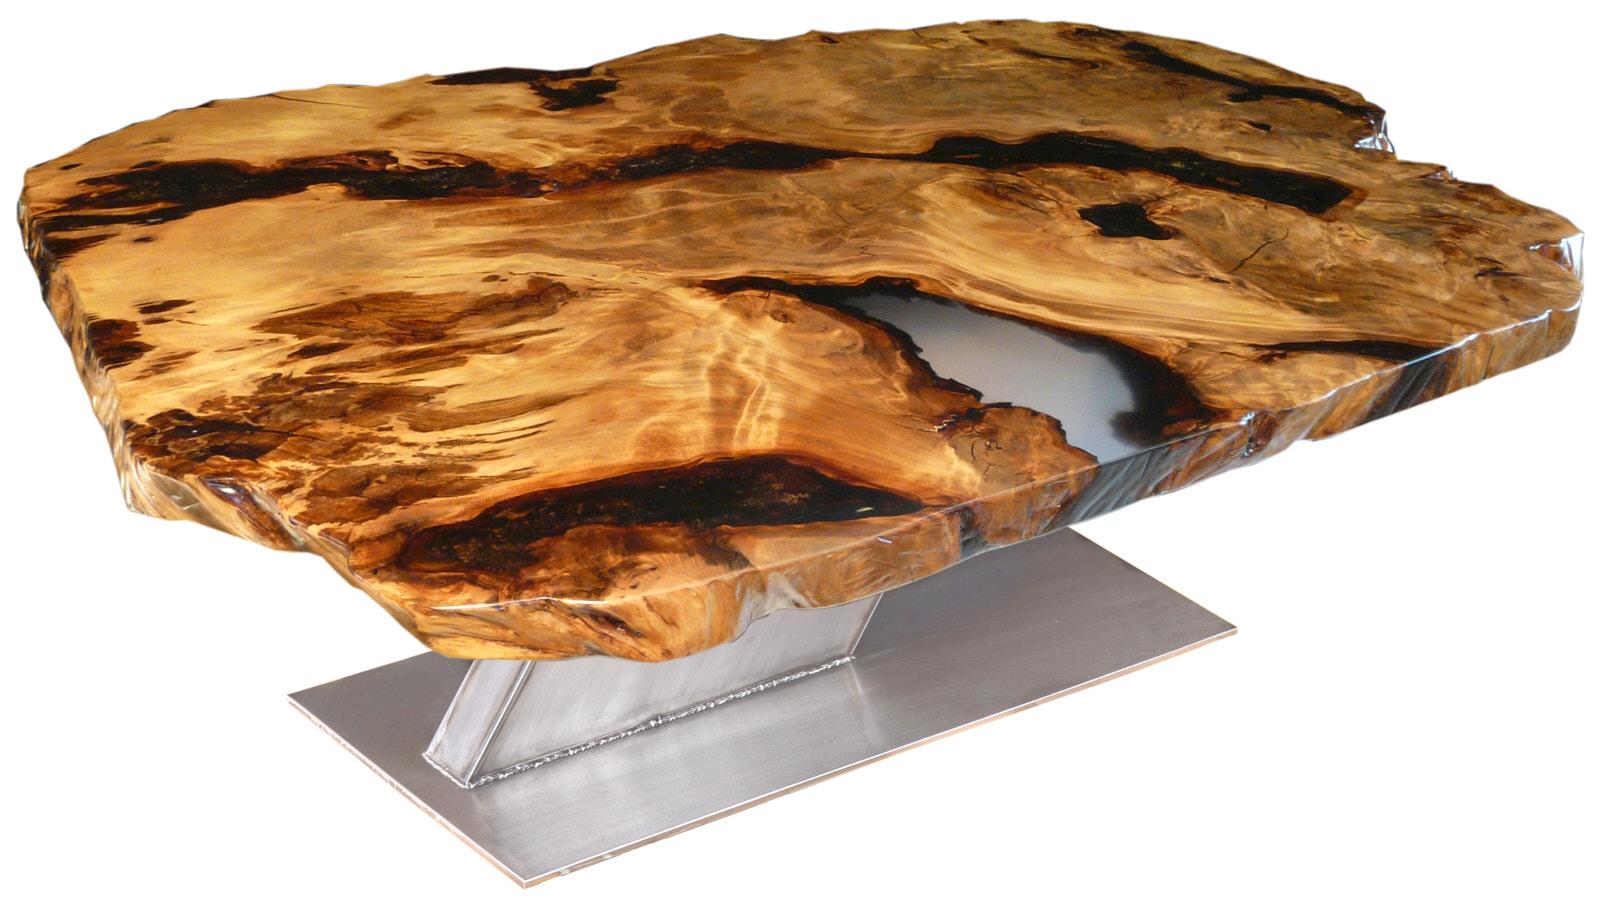 Designer Esstisch und besonderer Designer Holztisch aus Kauri Naturwurzel mit großer unverleimter Tischplatte und Edelstahl Fußgestell